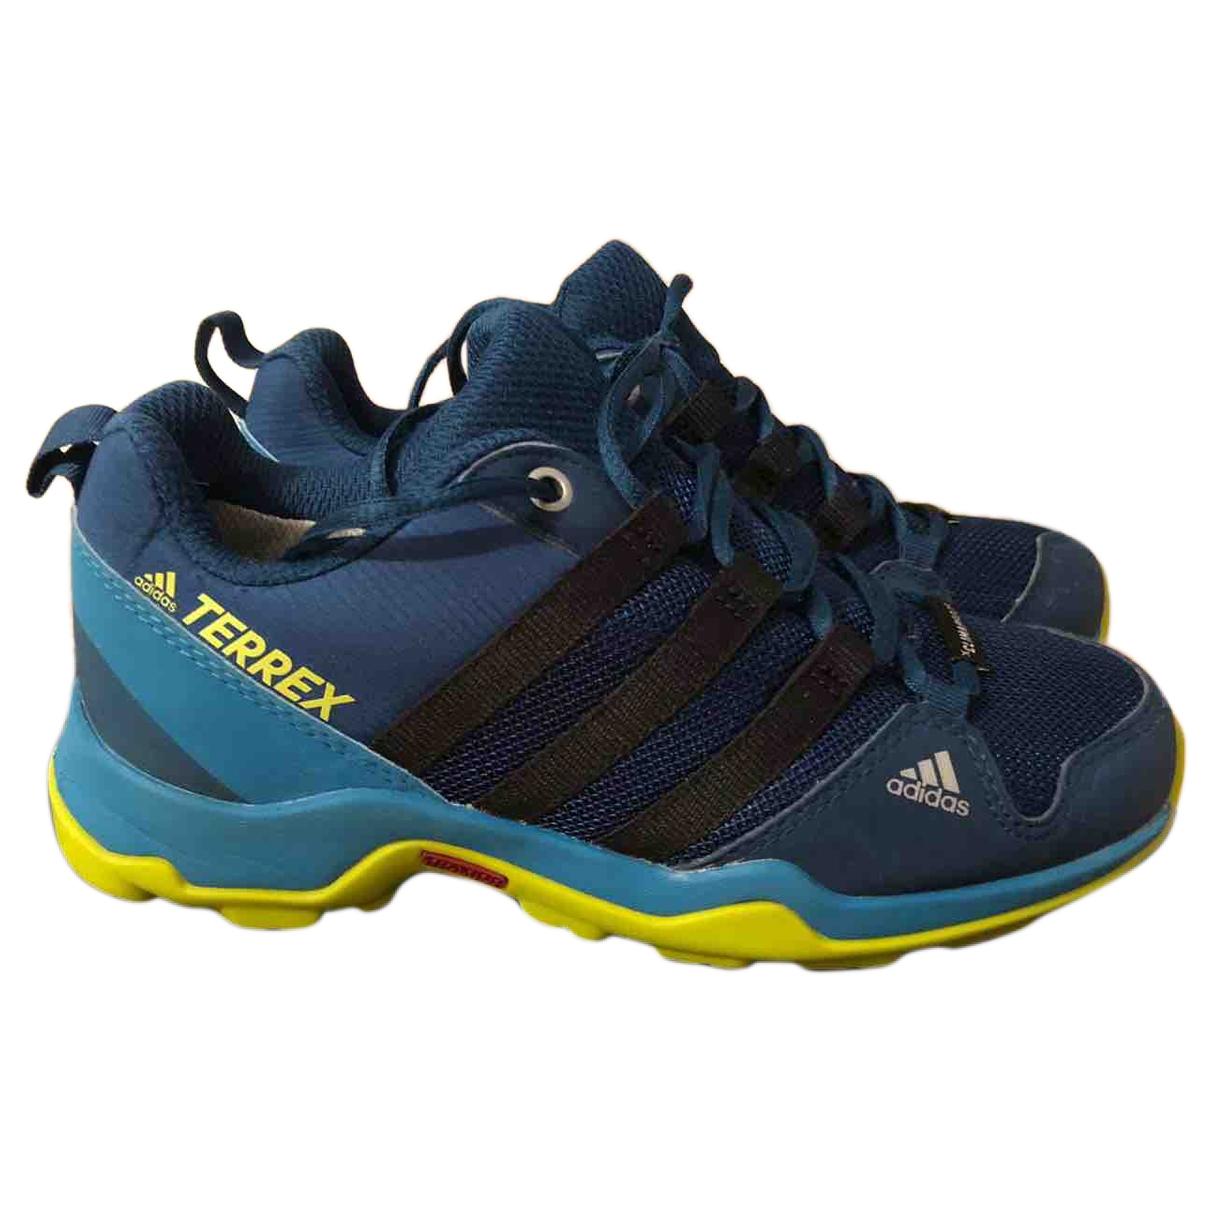 Adidas - Baskets   pour enfant - bleu